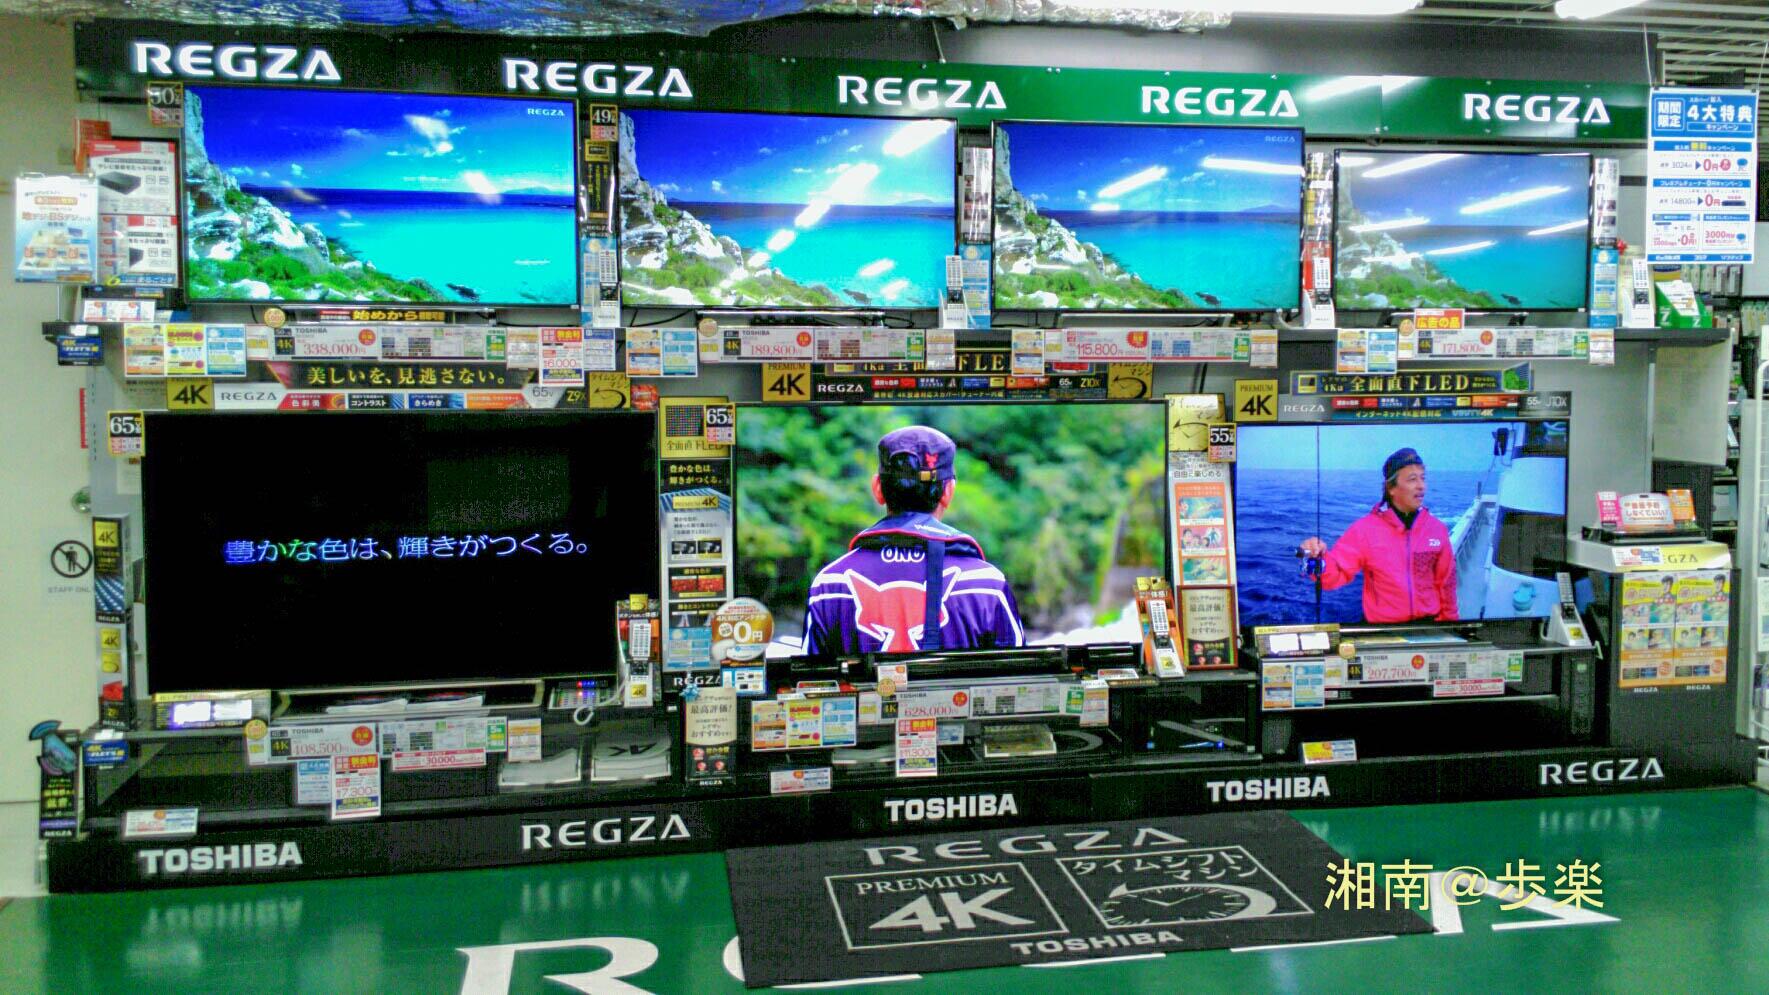 量販店でのメインTVは 4K。技術革新 それとも需要喚起?